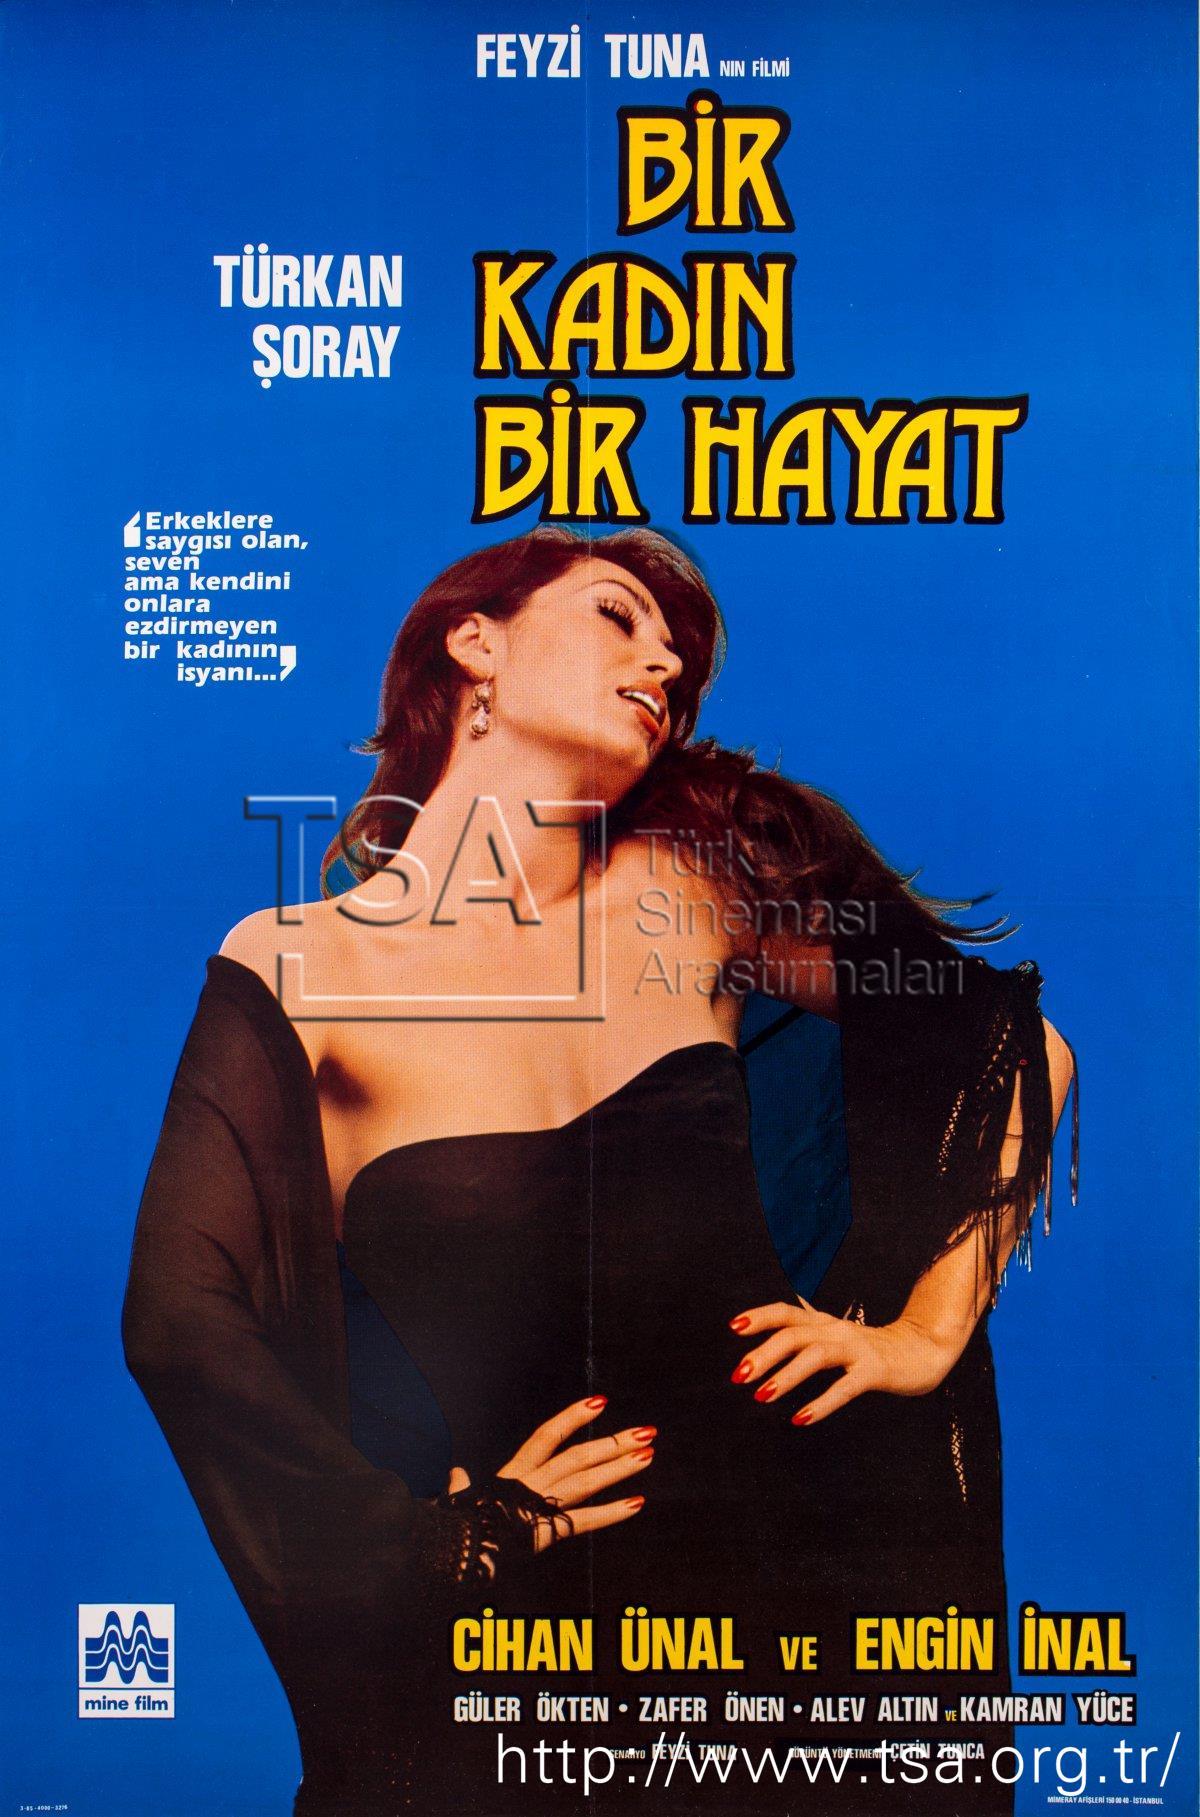 Bir kadin, bir hayat ((1985))